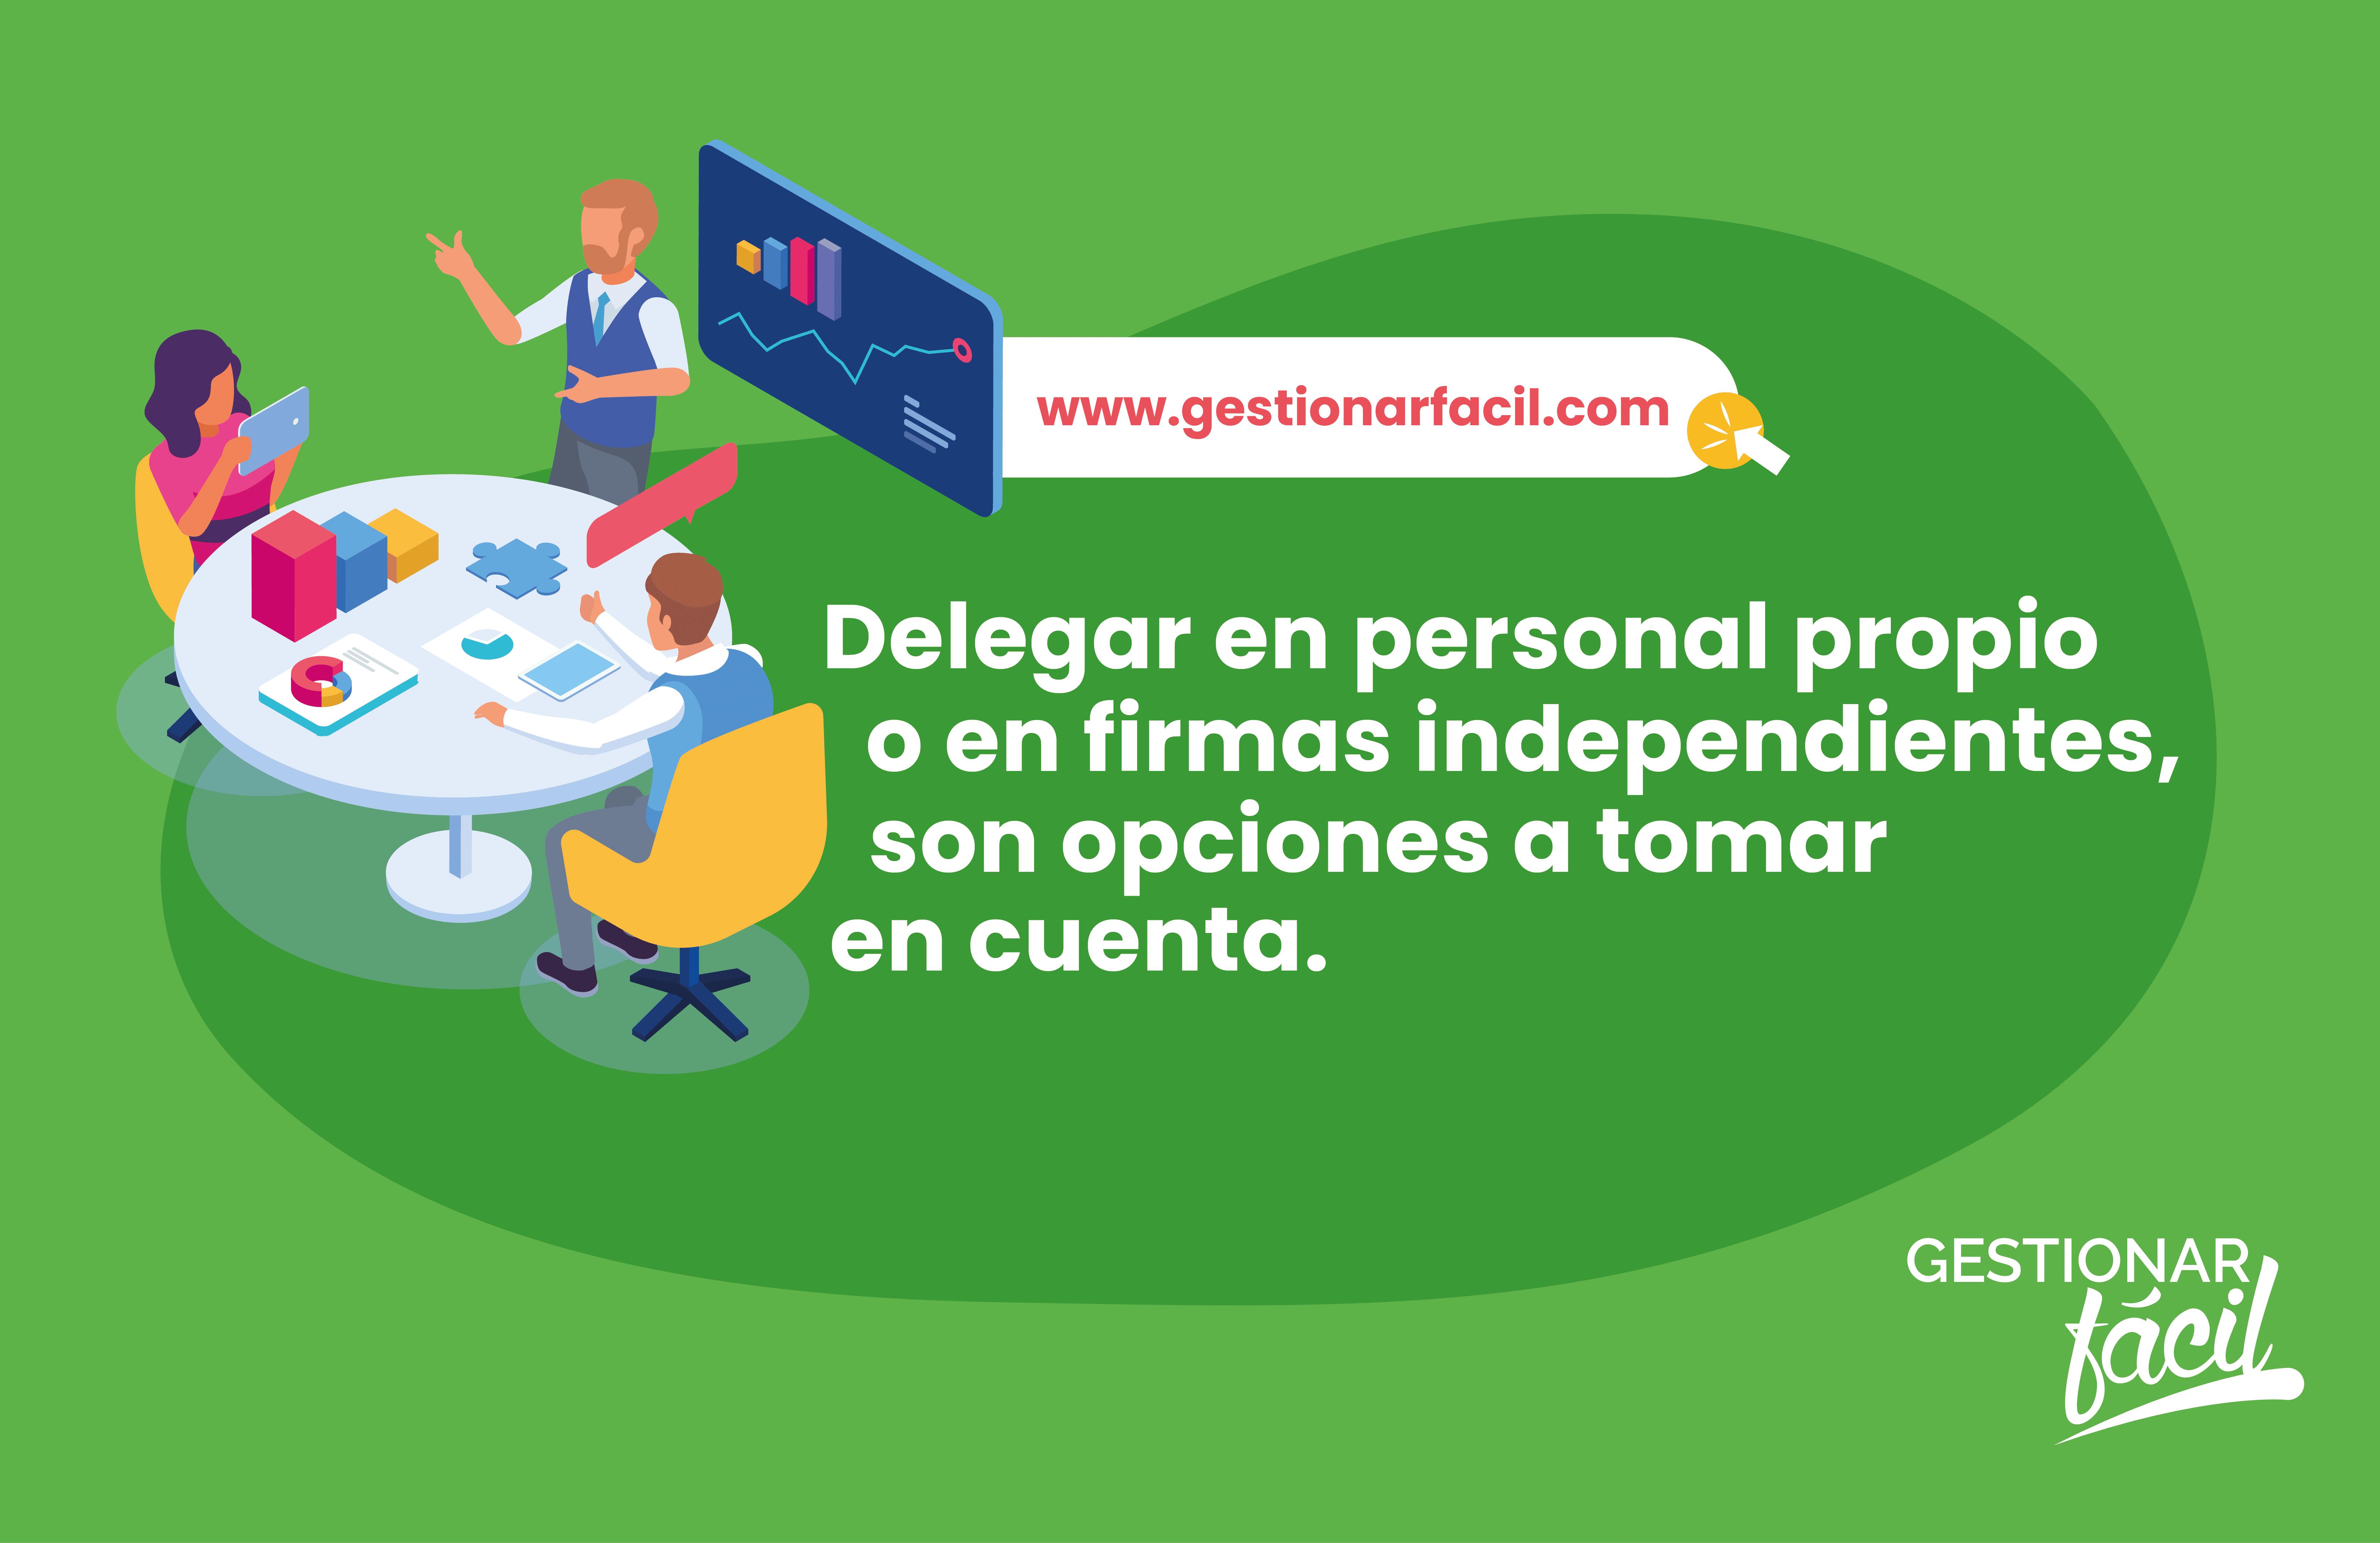 Delegar en personal propio o en firmas independientes, son opciones a tomar en cuenta.